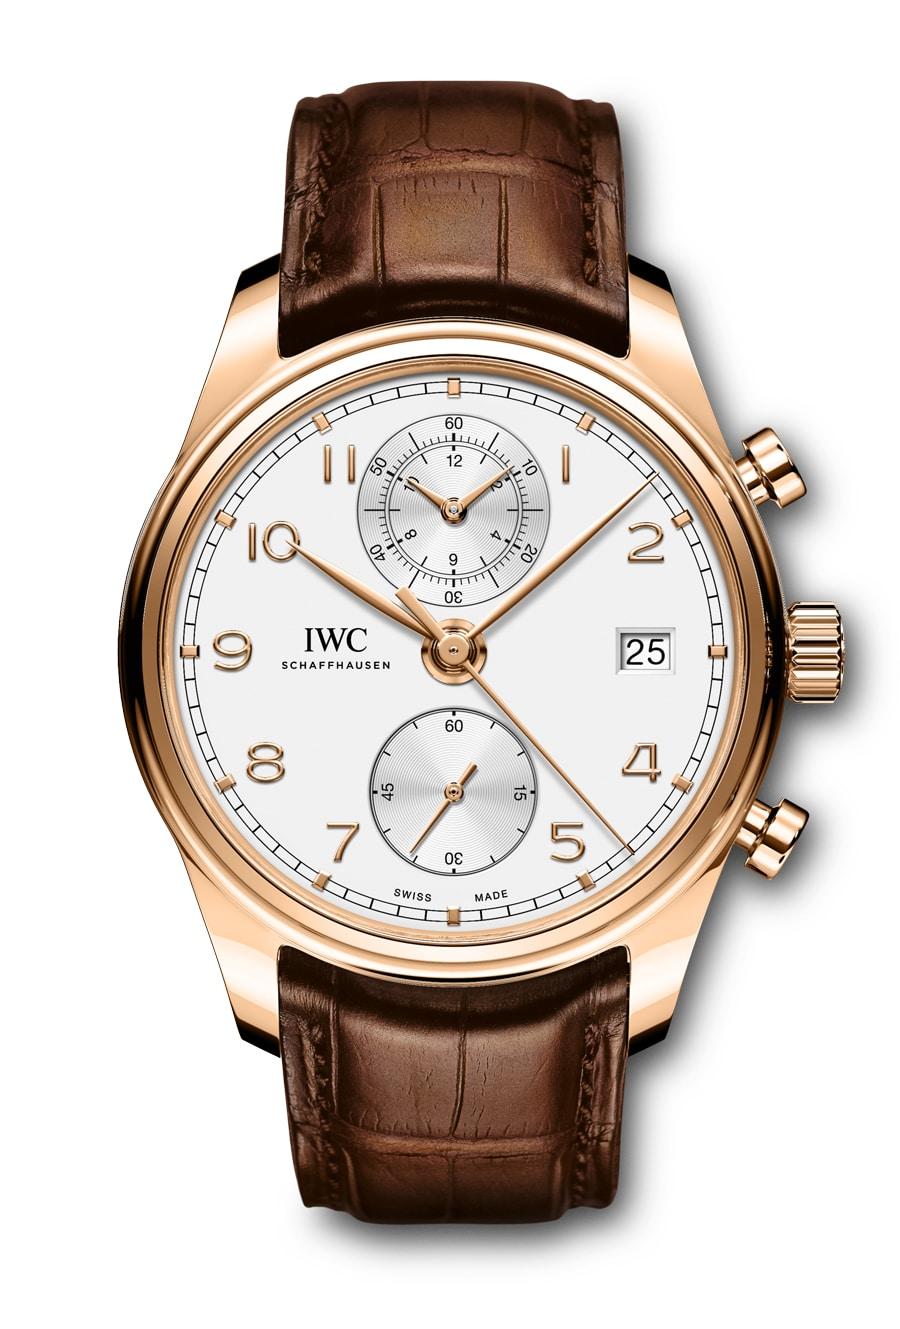 Aktueller Vertreter der Uhrenlinie: der 2017 überarbeitete IWC Portugieser Chronograph Classic